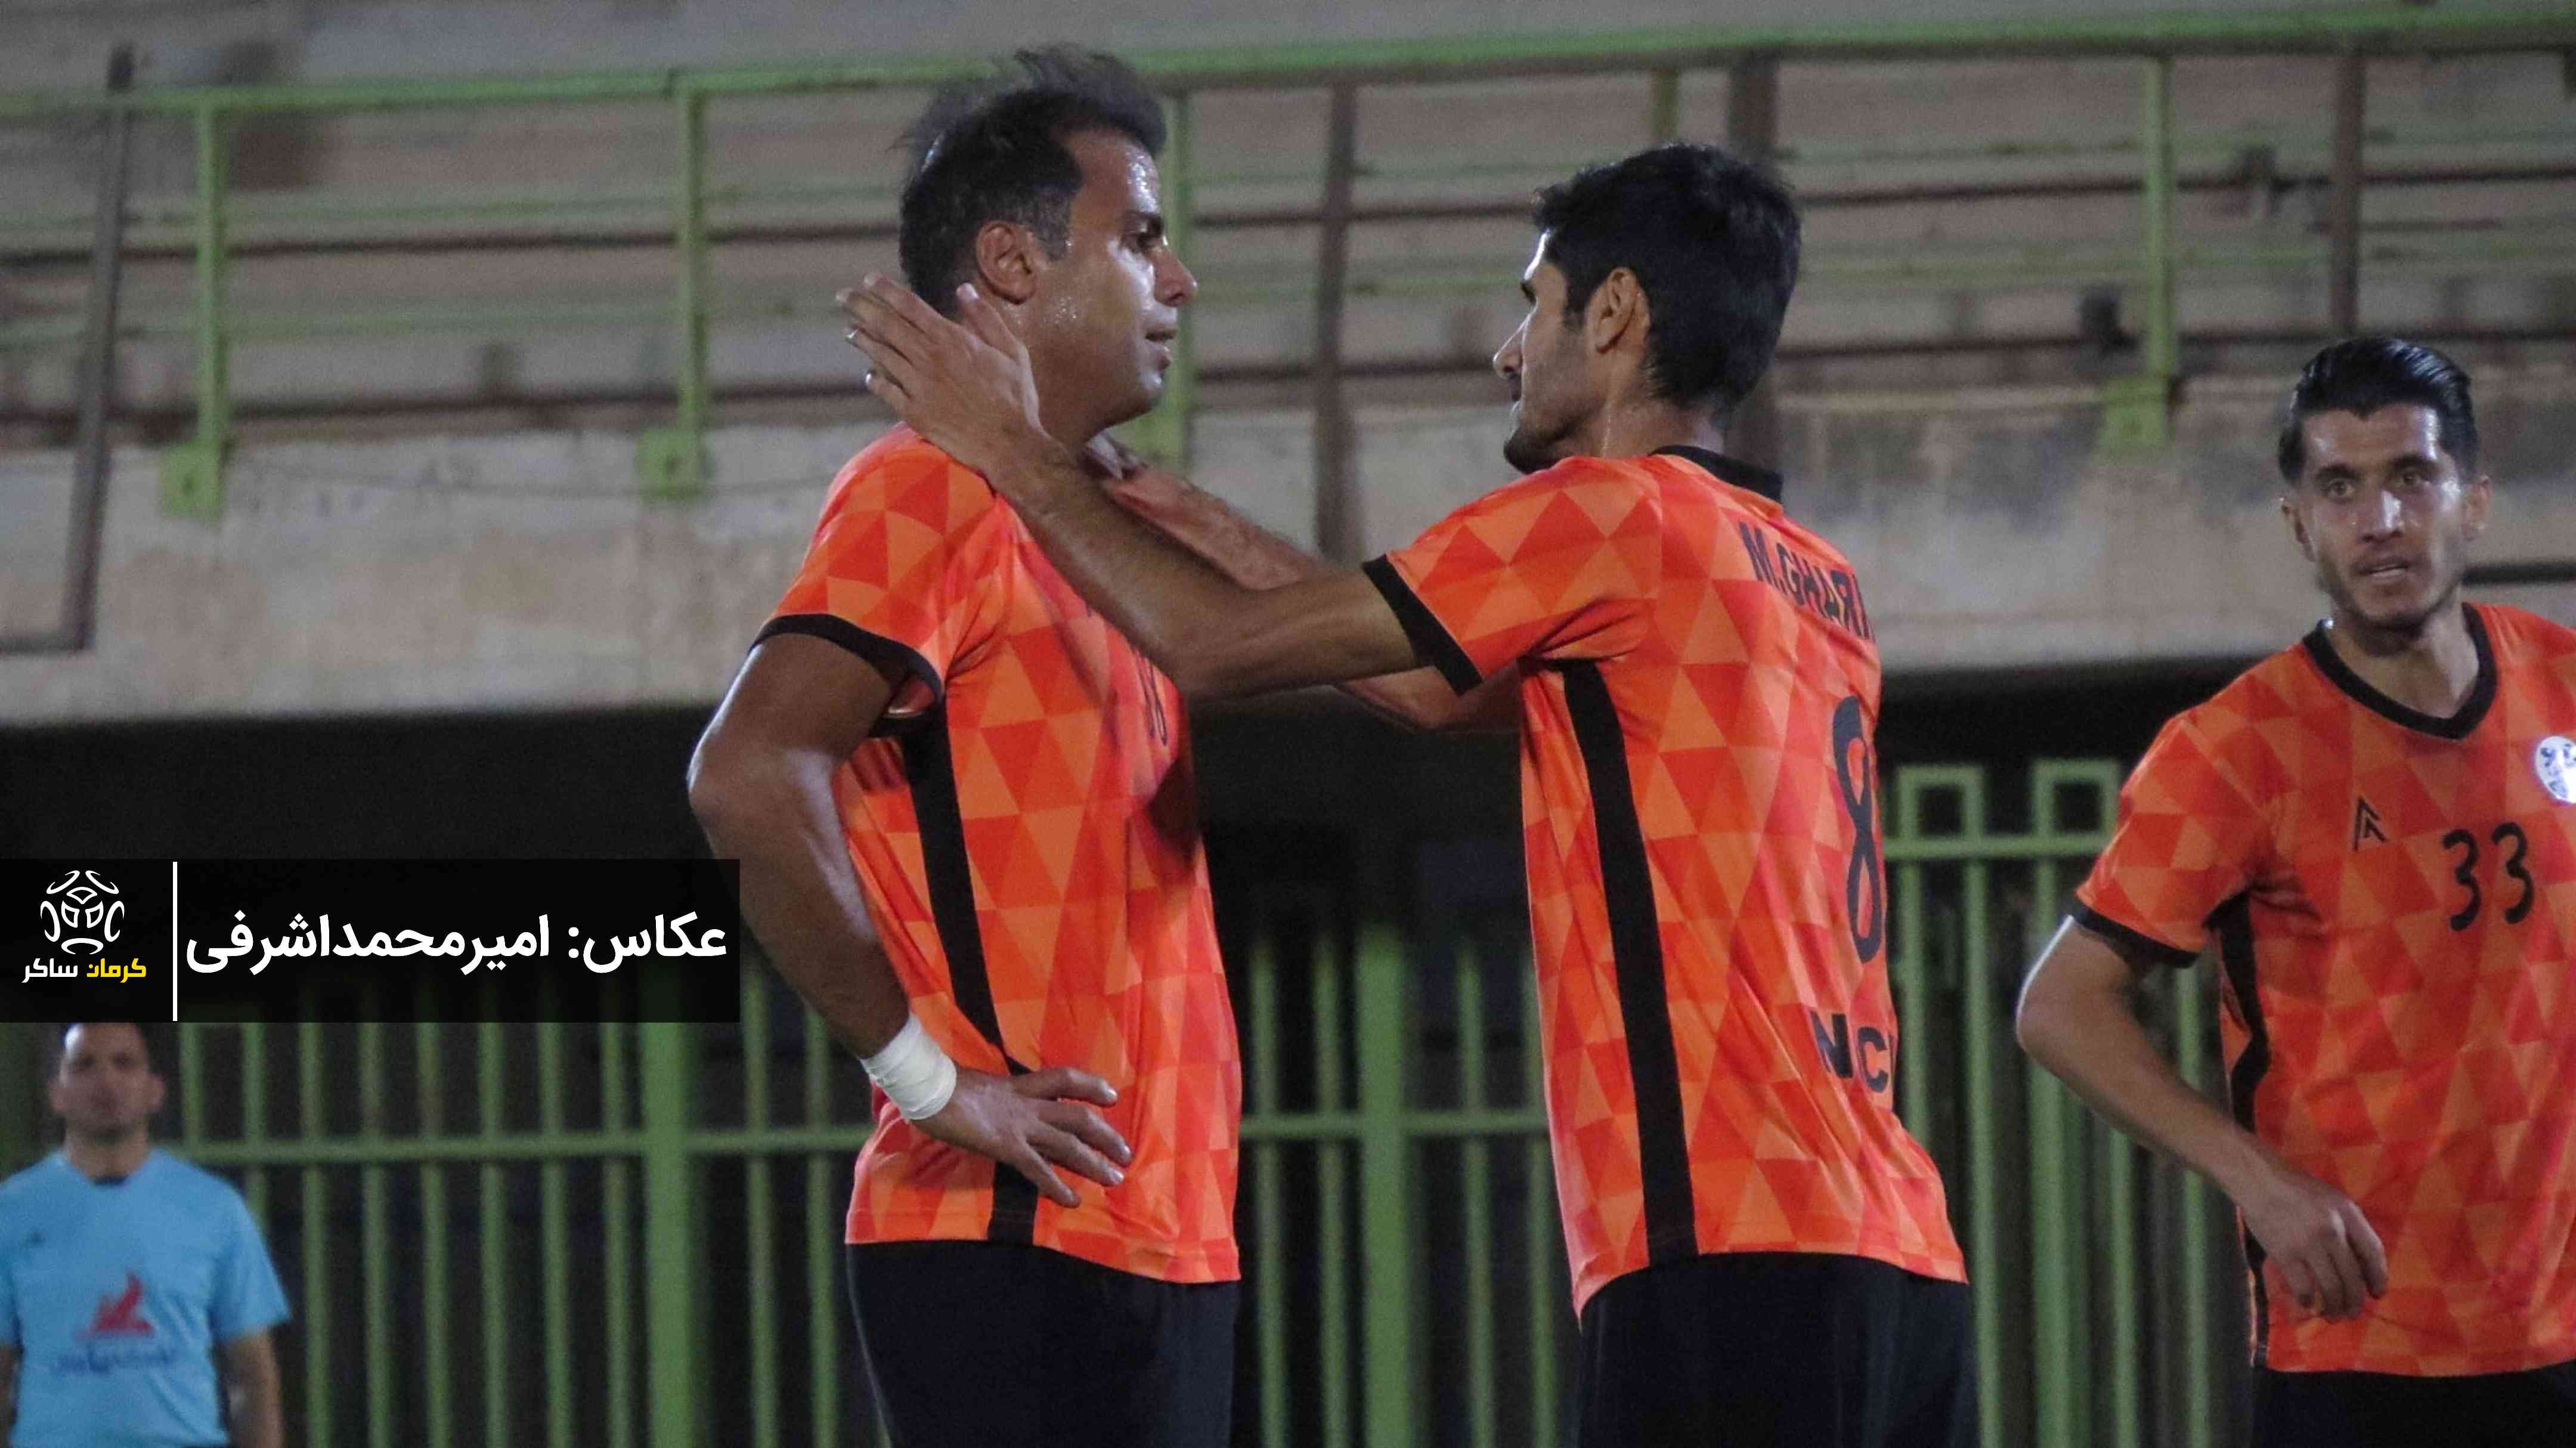 گزارش تصویری: هفته سی و یکم لیگ دسته اول فوتبال کشور/مس کرمان - رایکا بابل از نگاه دوربین امیرمحمداشرفی